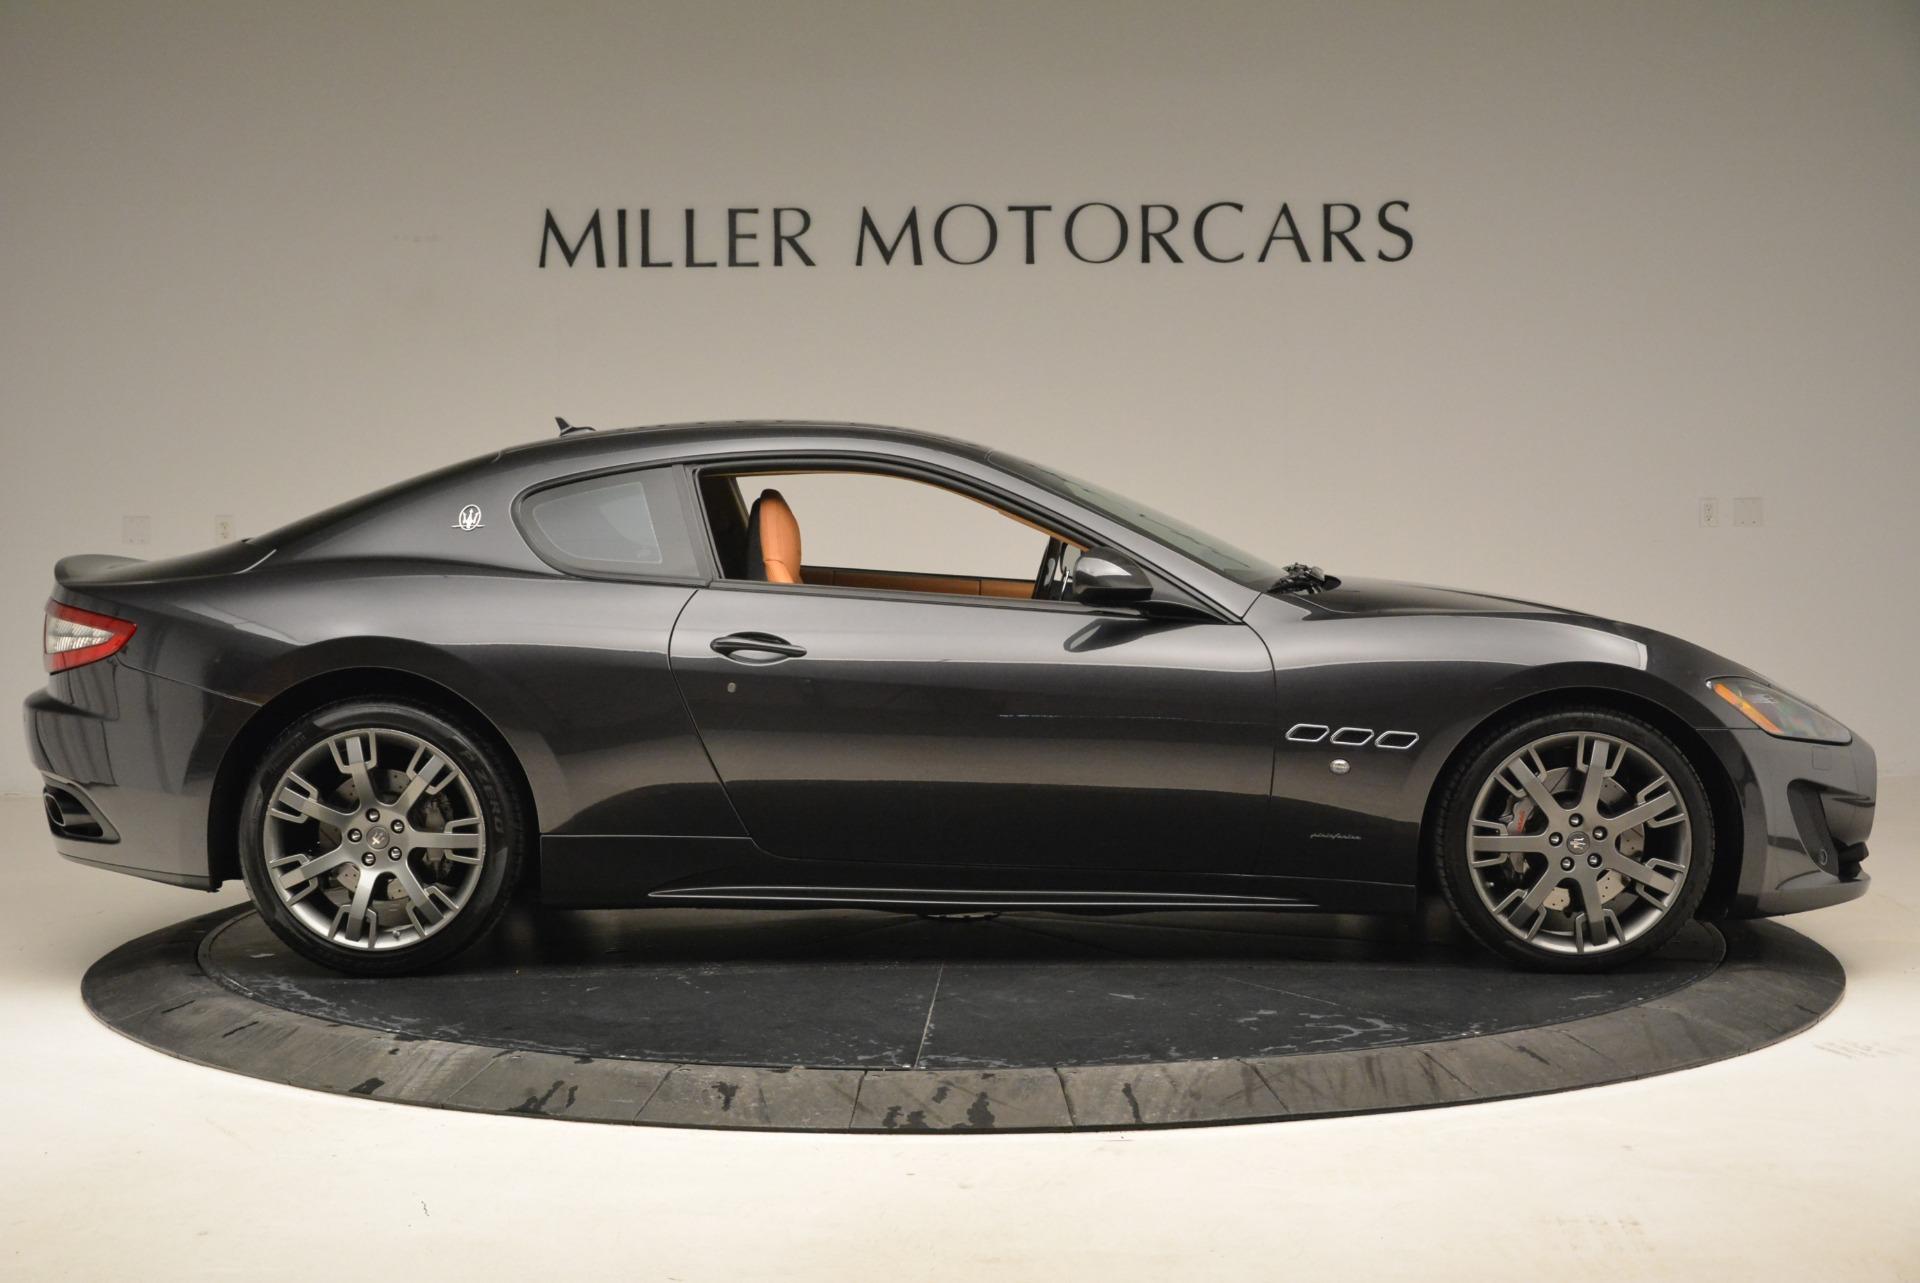 Used 2014 Maserati GranTurismo Sport For Sale In Greenwich, CT 2067_p8